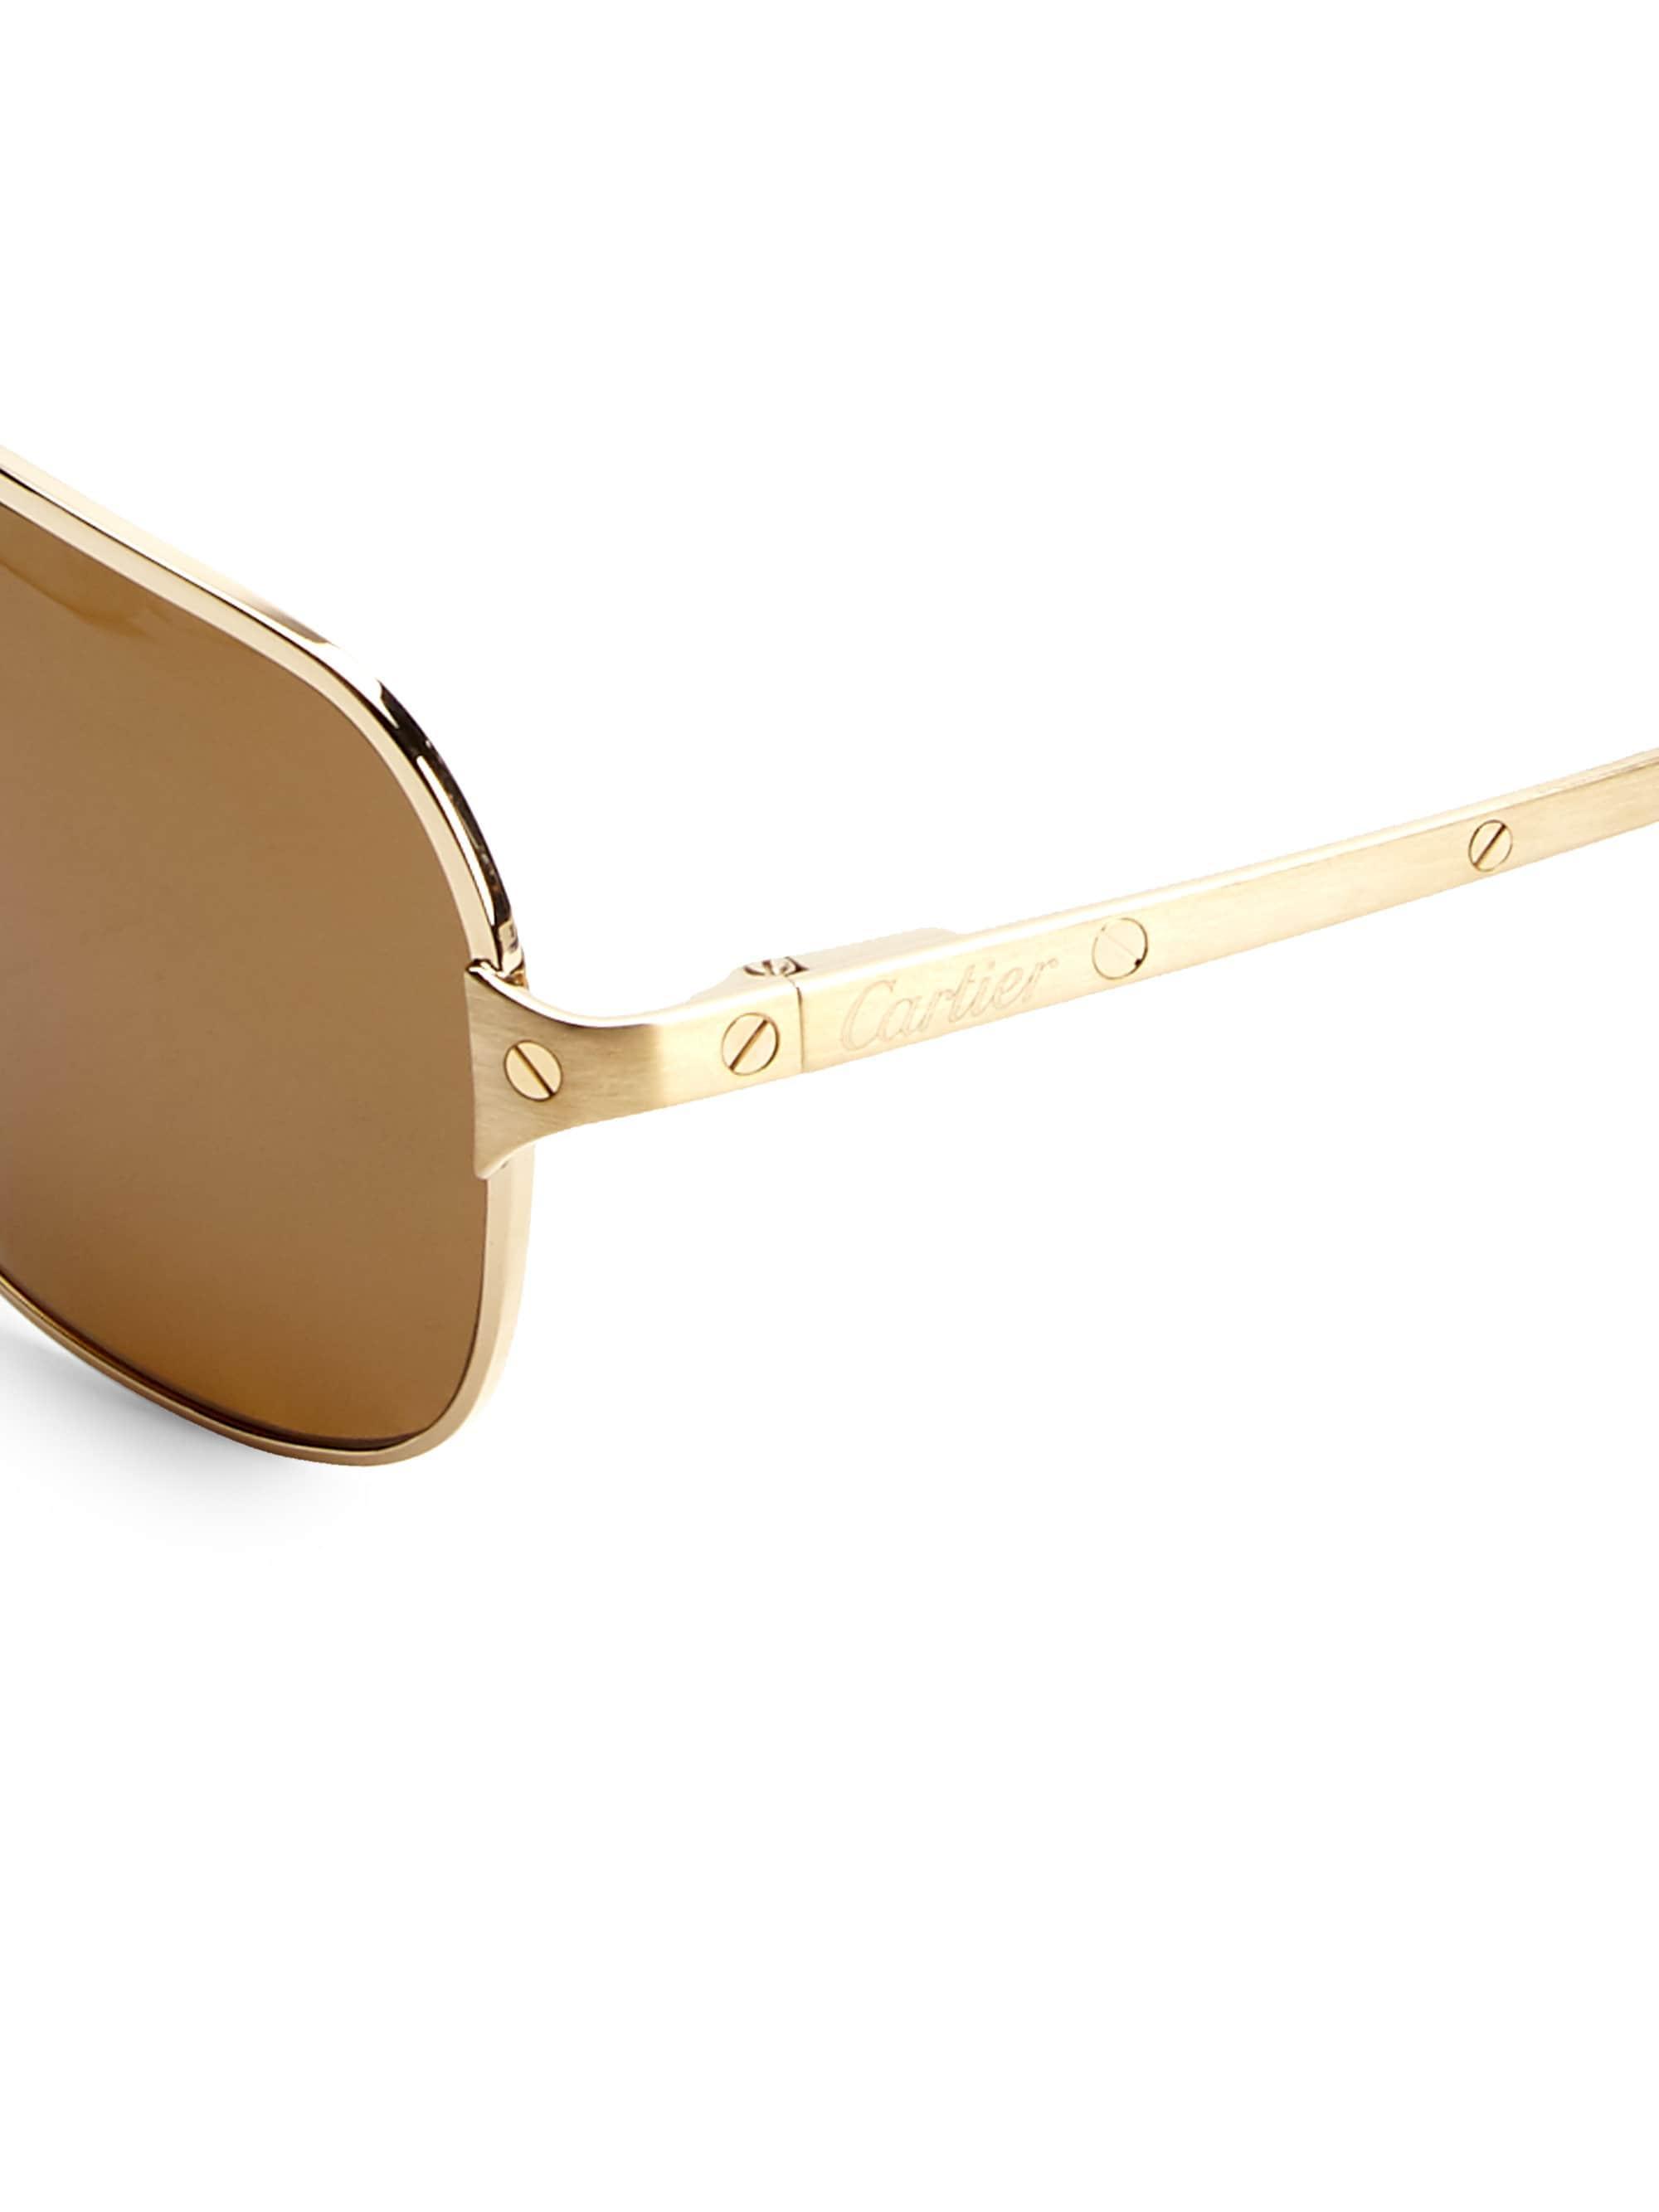 8255c88a217b Lyst - Cartier Women s 60mm Aviator Sunglasses - Gold in Metallic